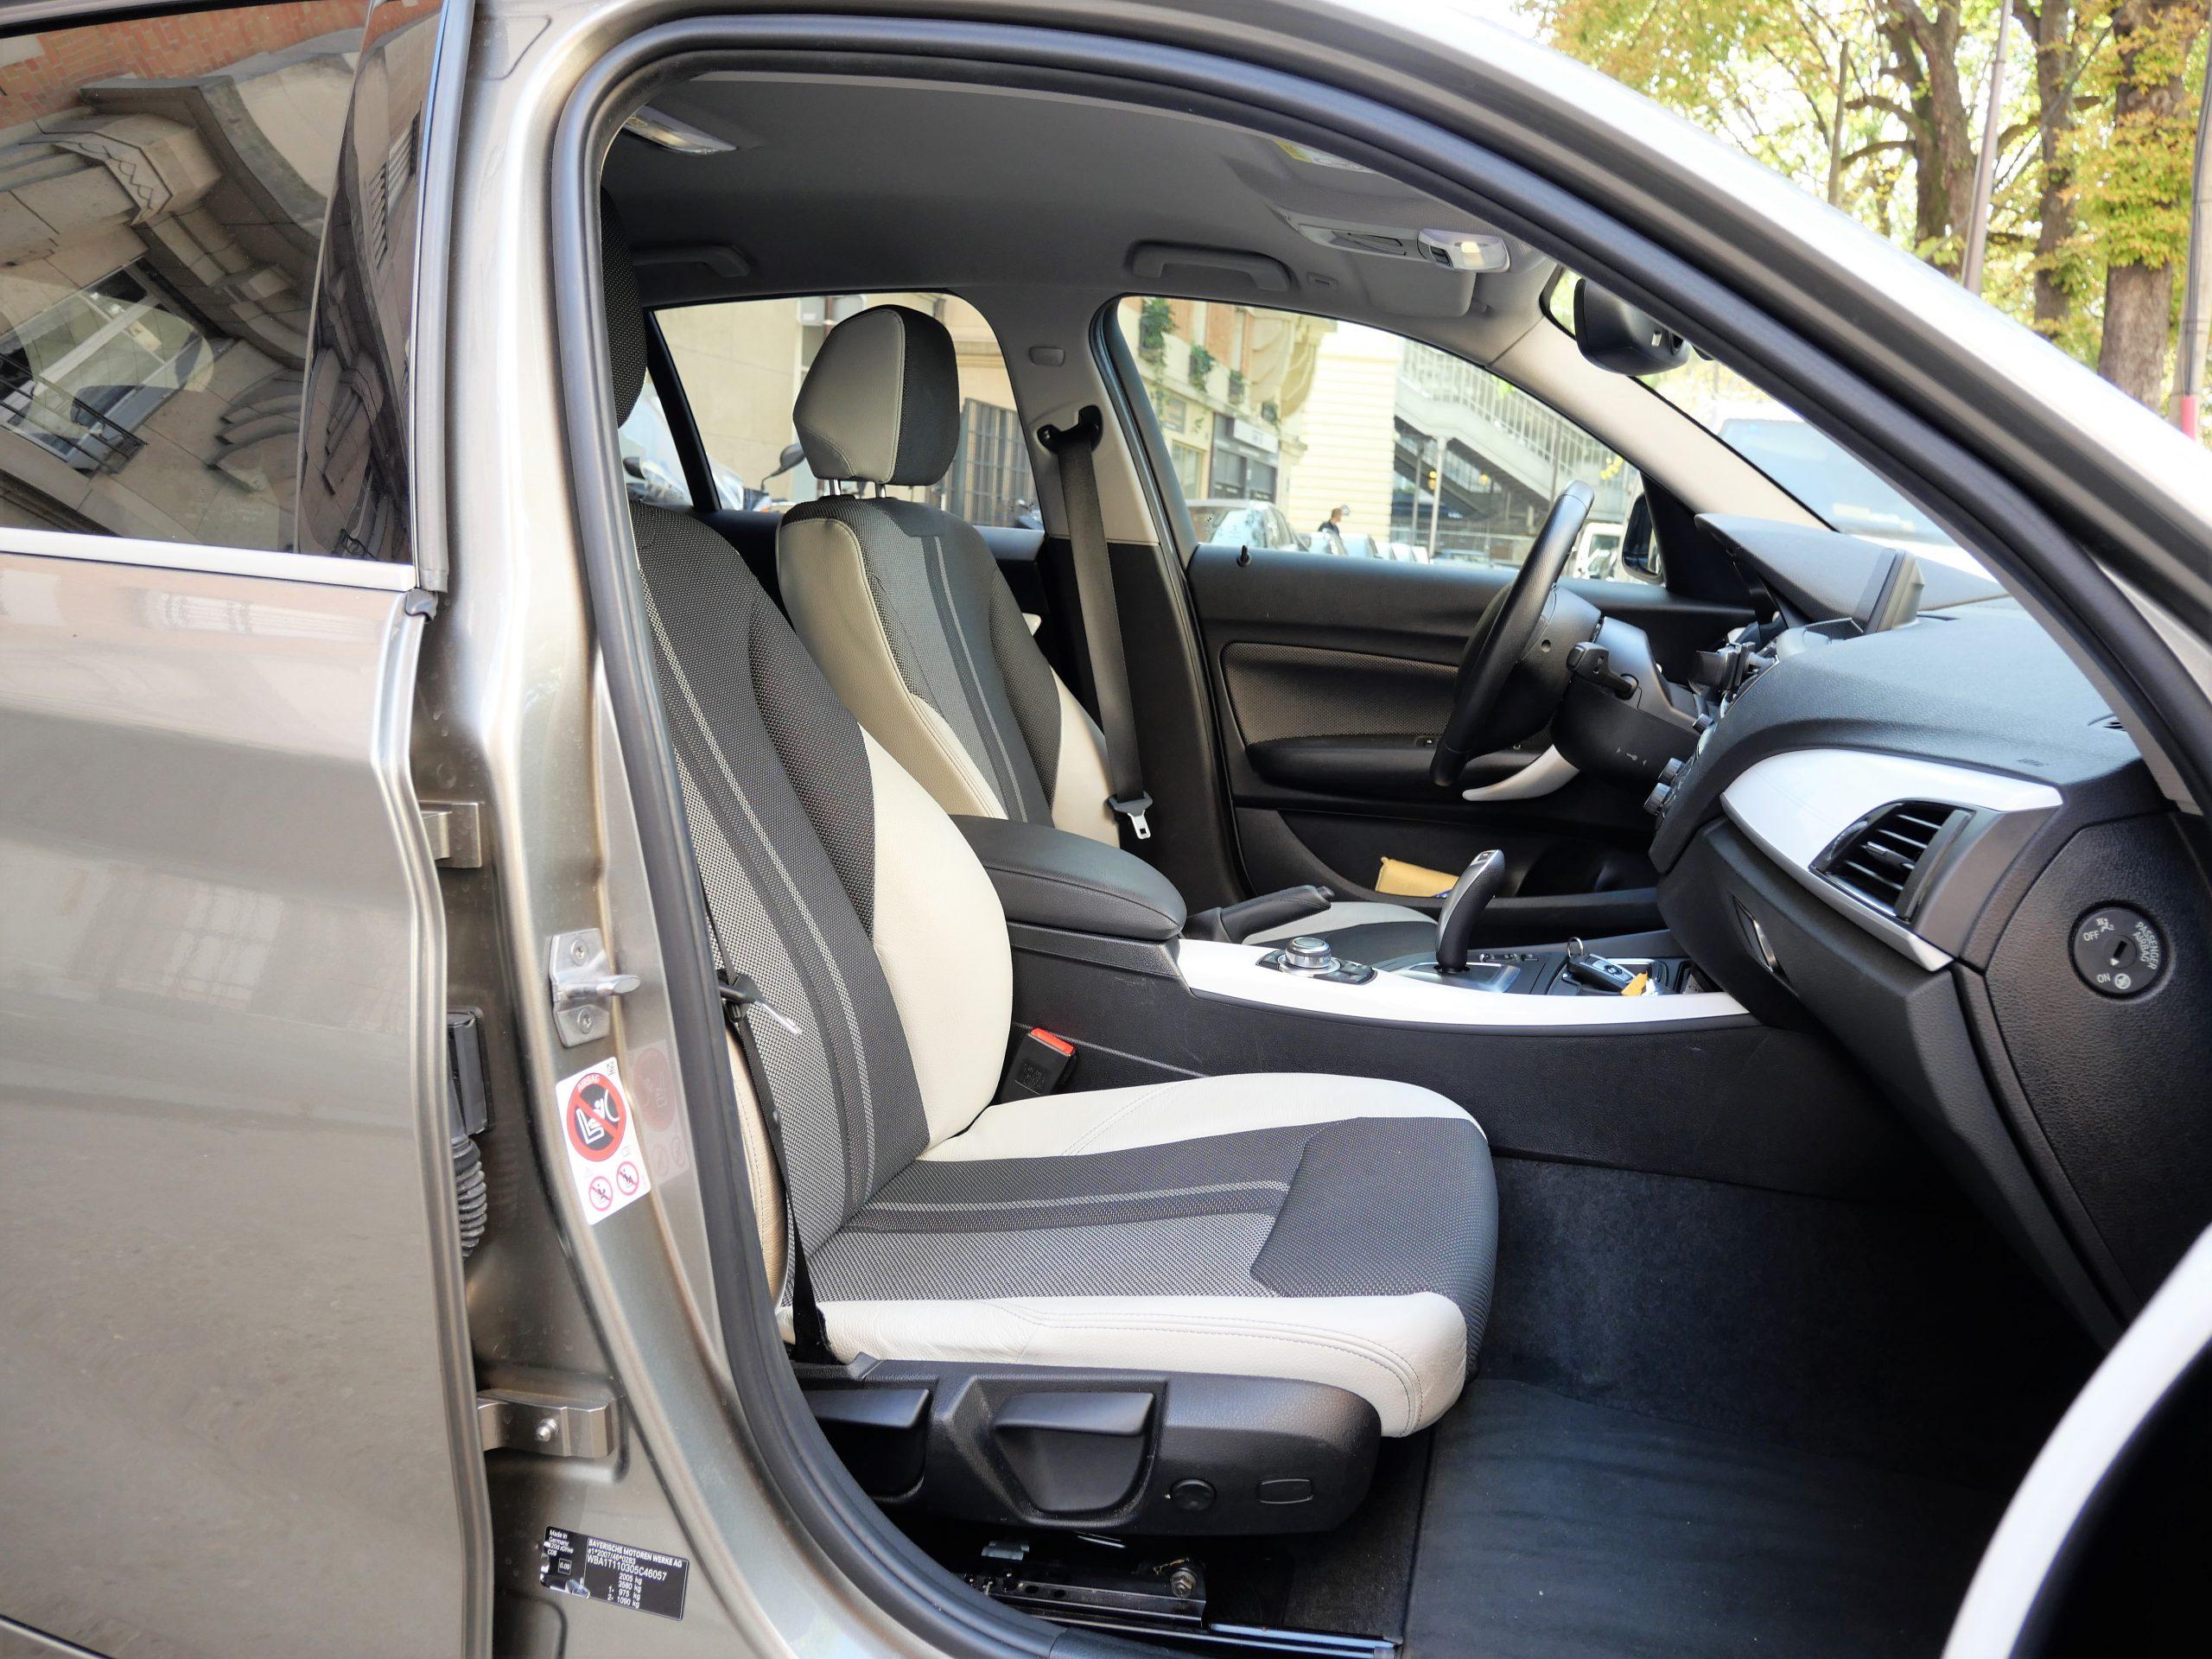 BMW Série 1 (F20) XDrive LCI 120d 2.0 d 190ch 9